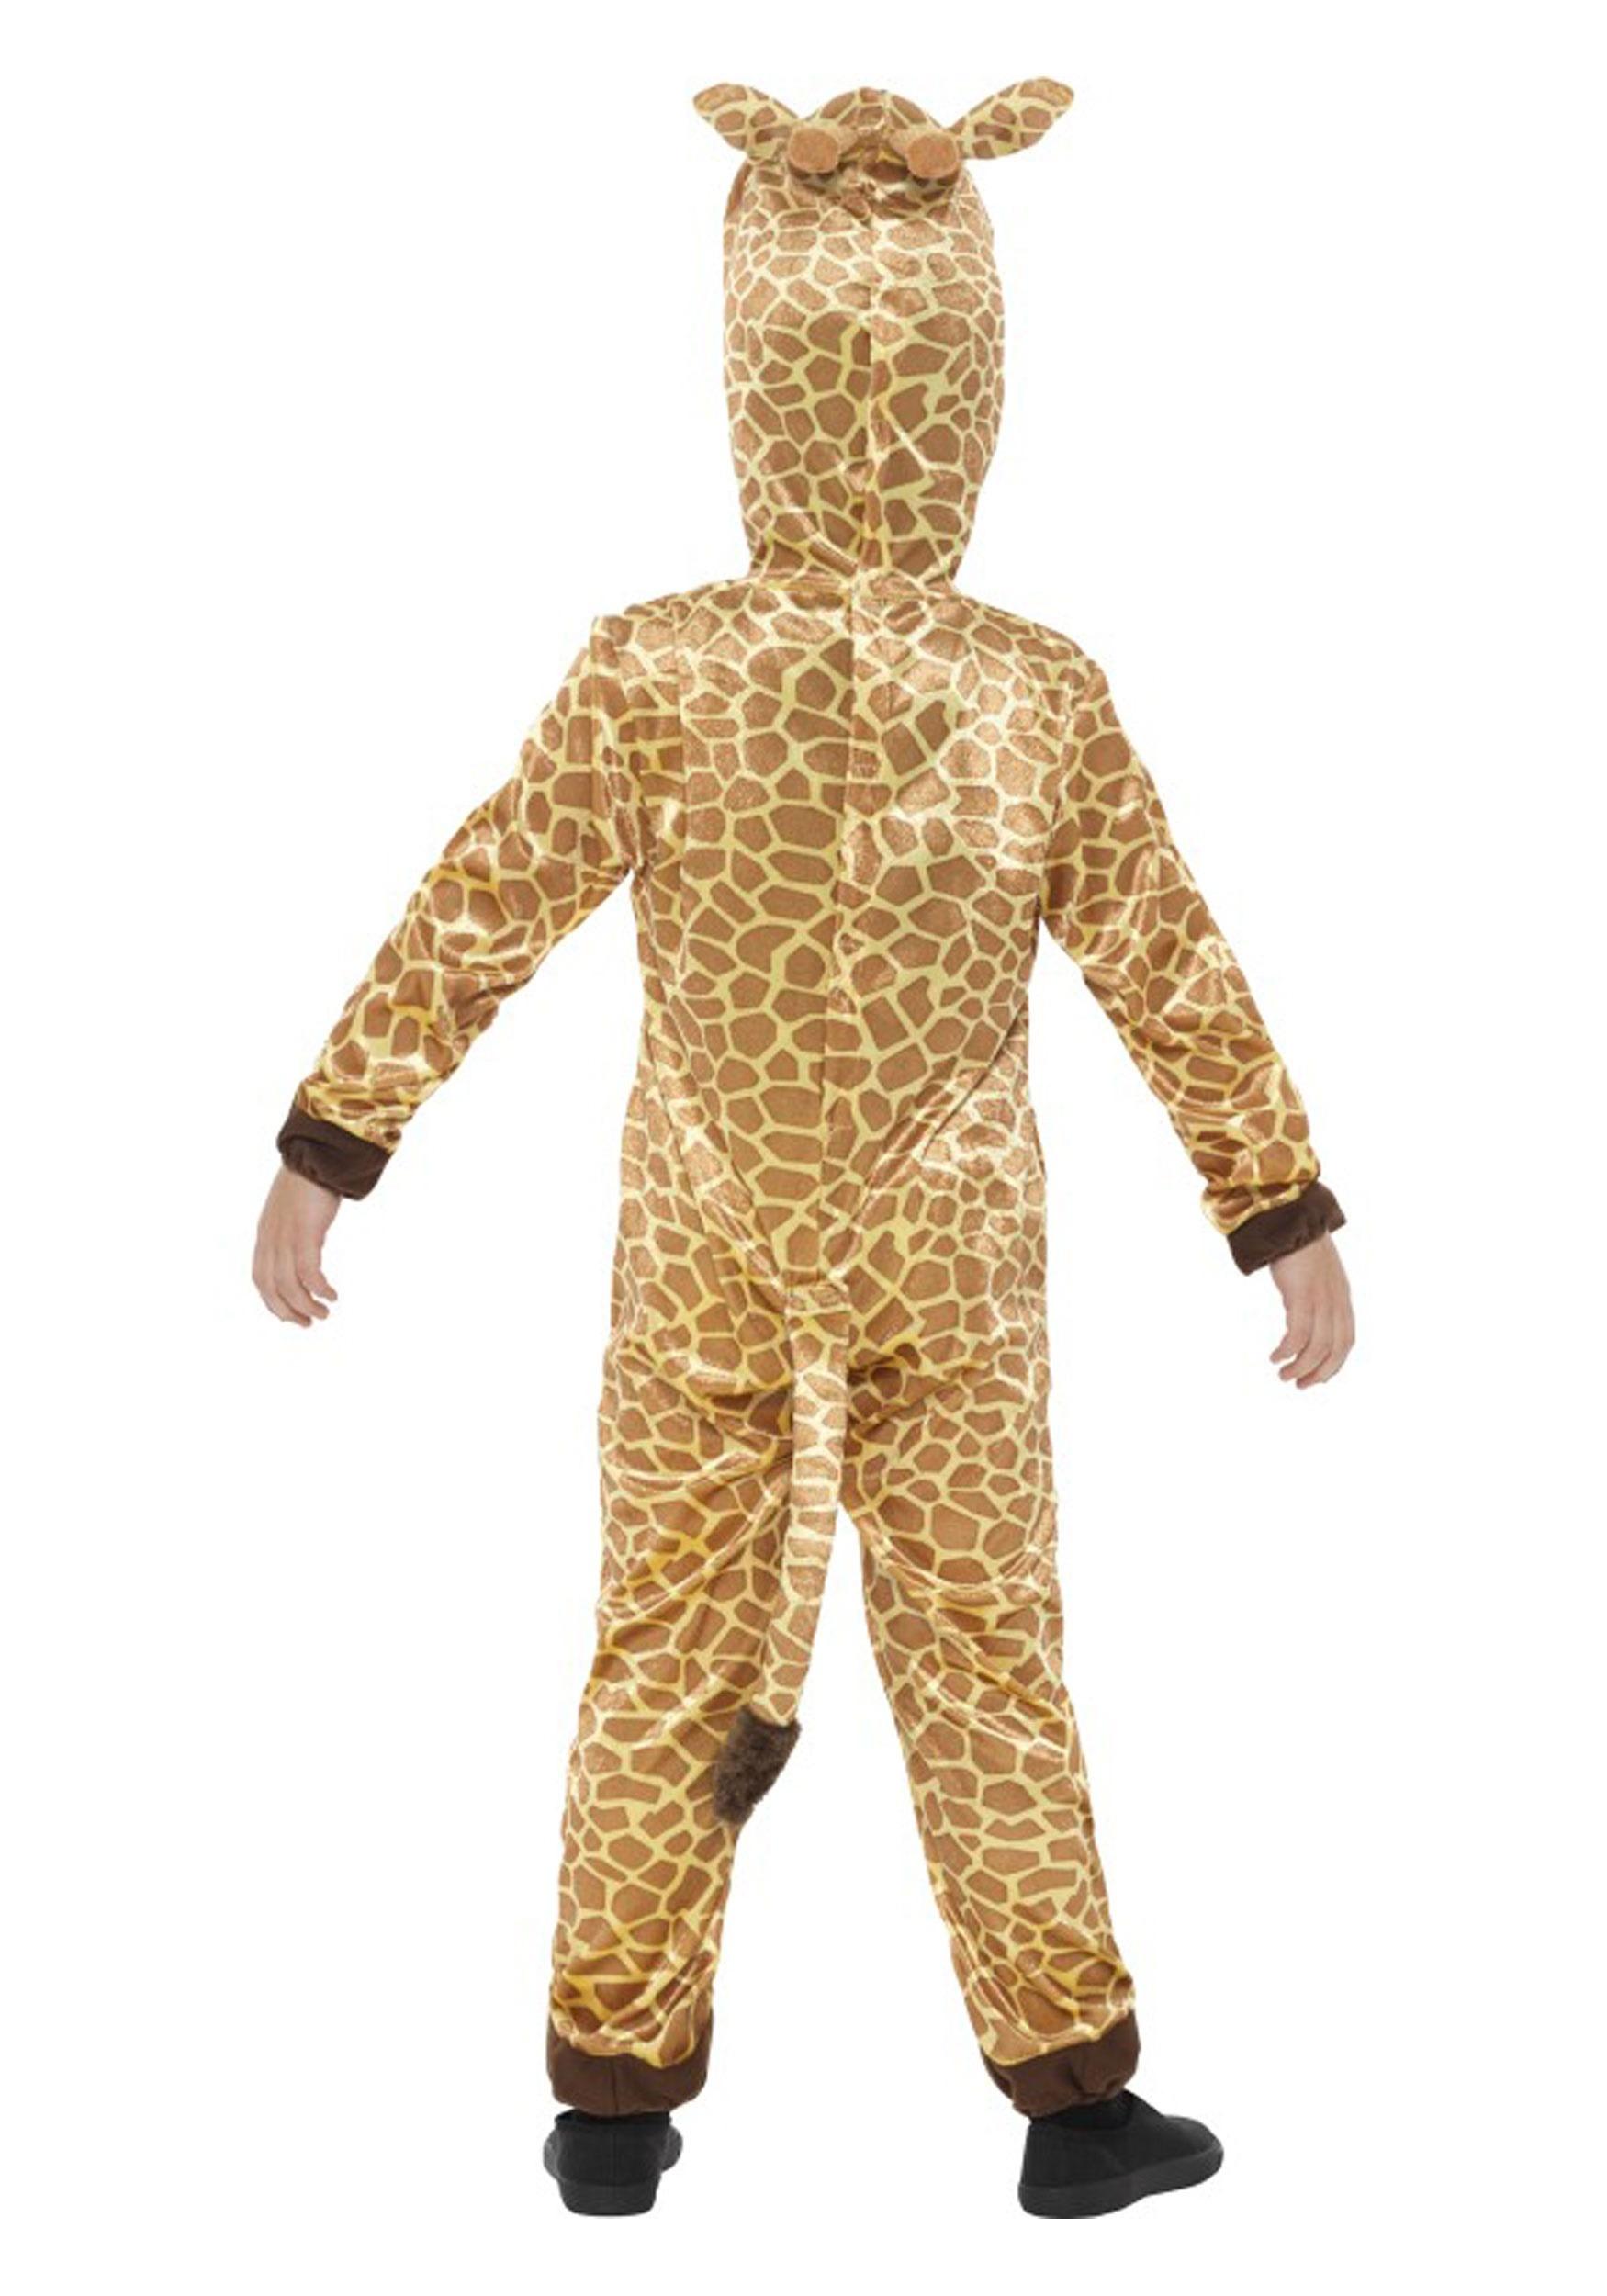 Giraffe Kids Costume